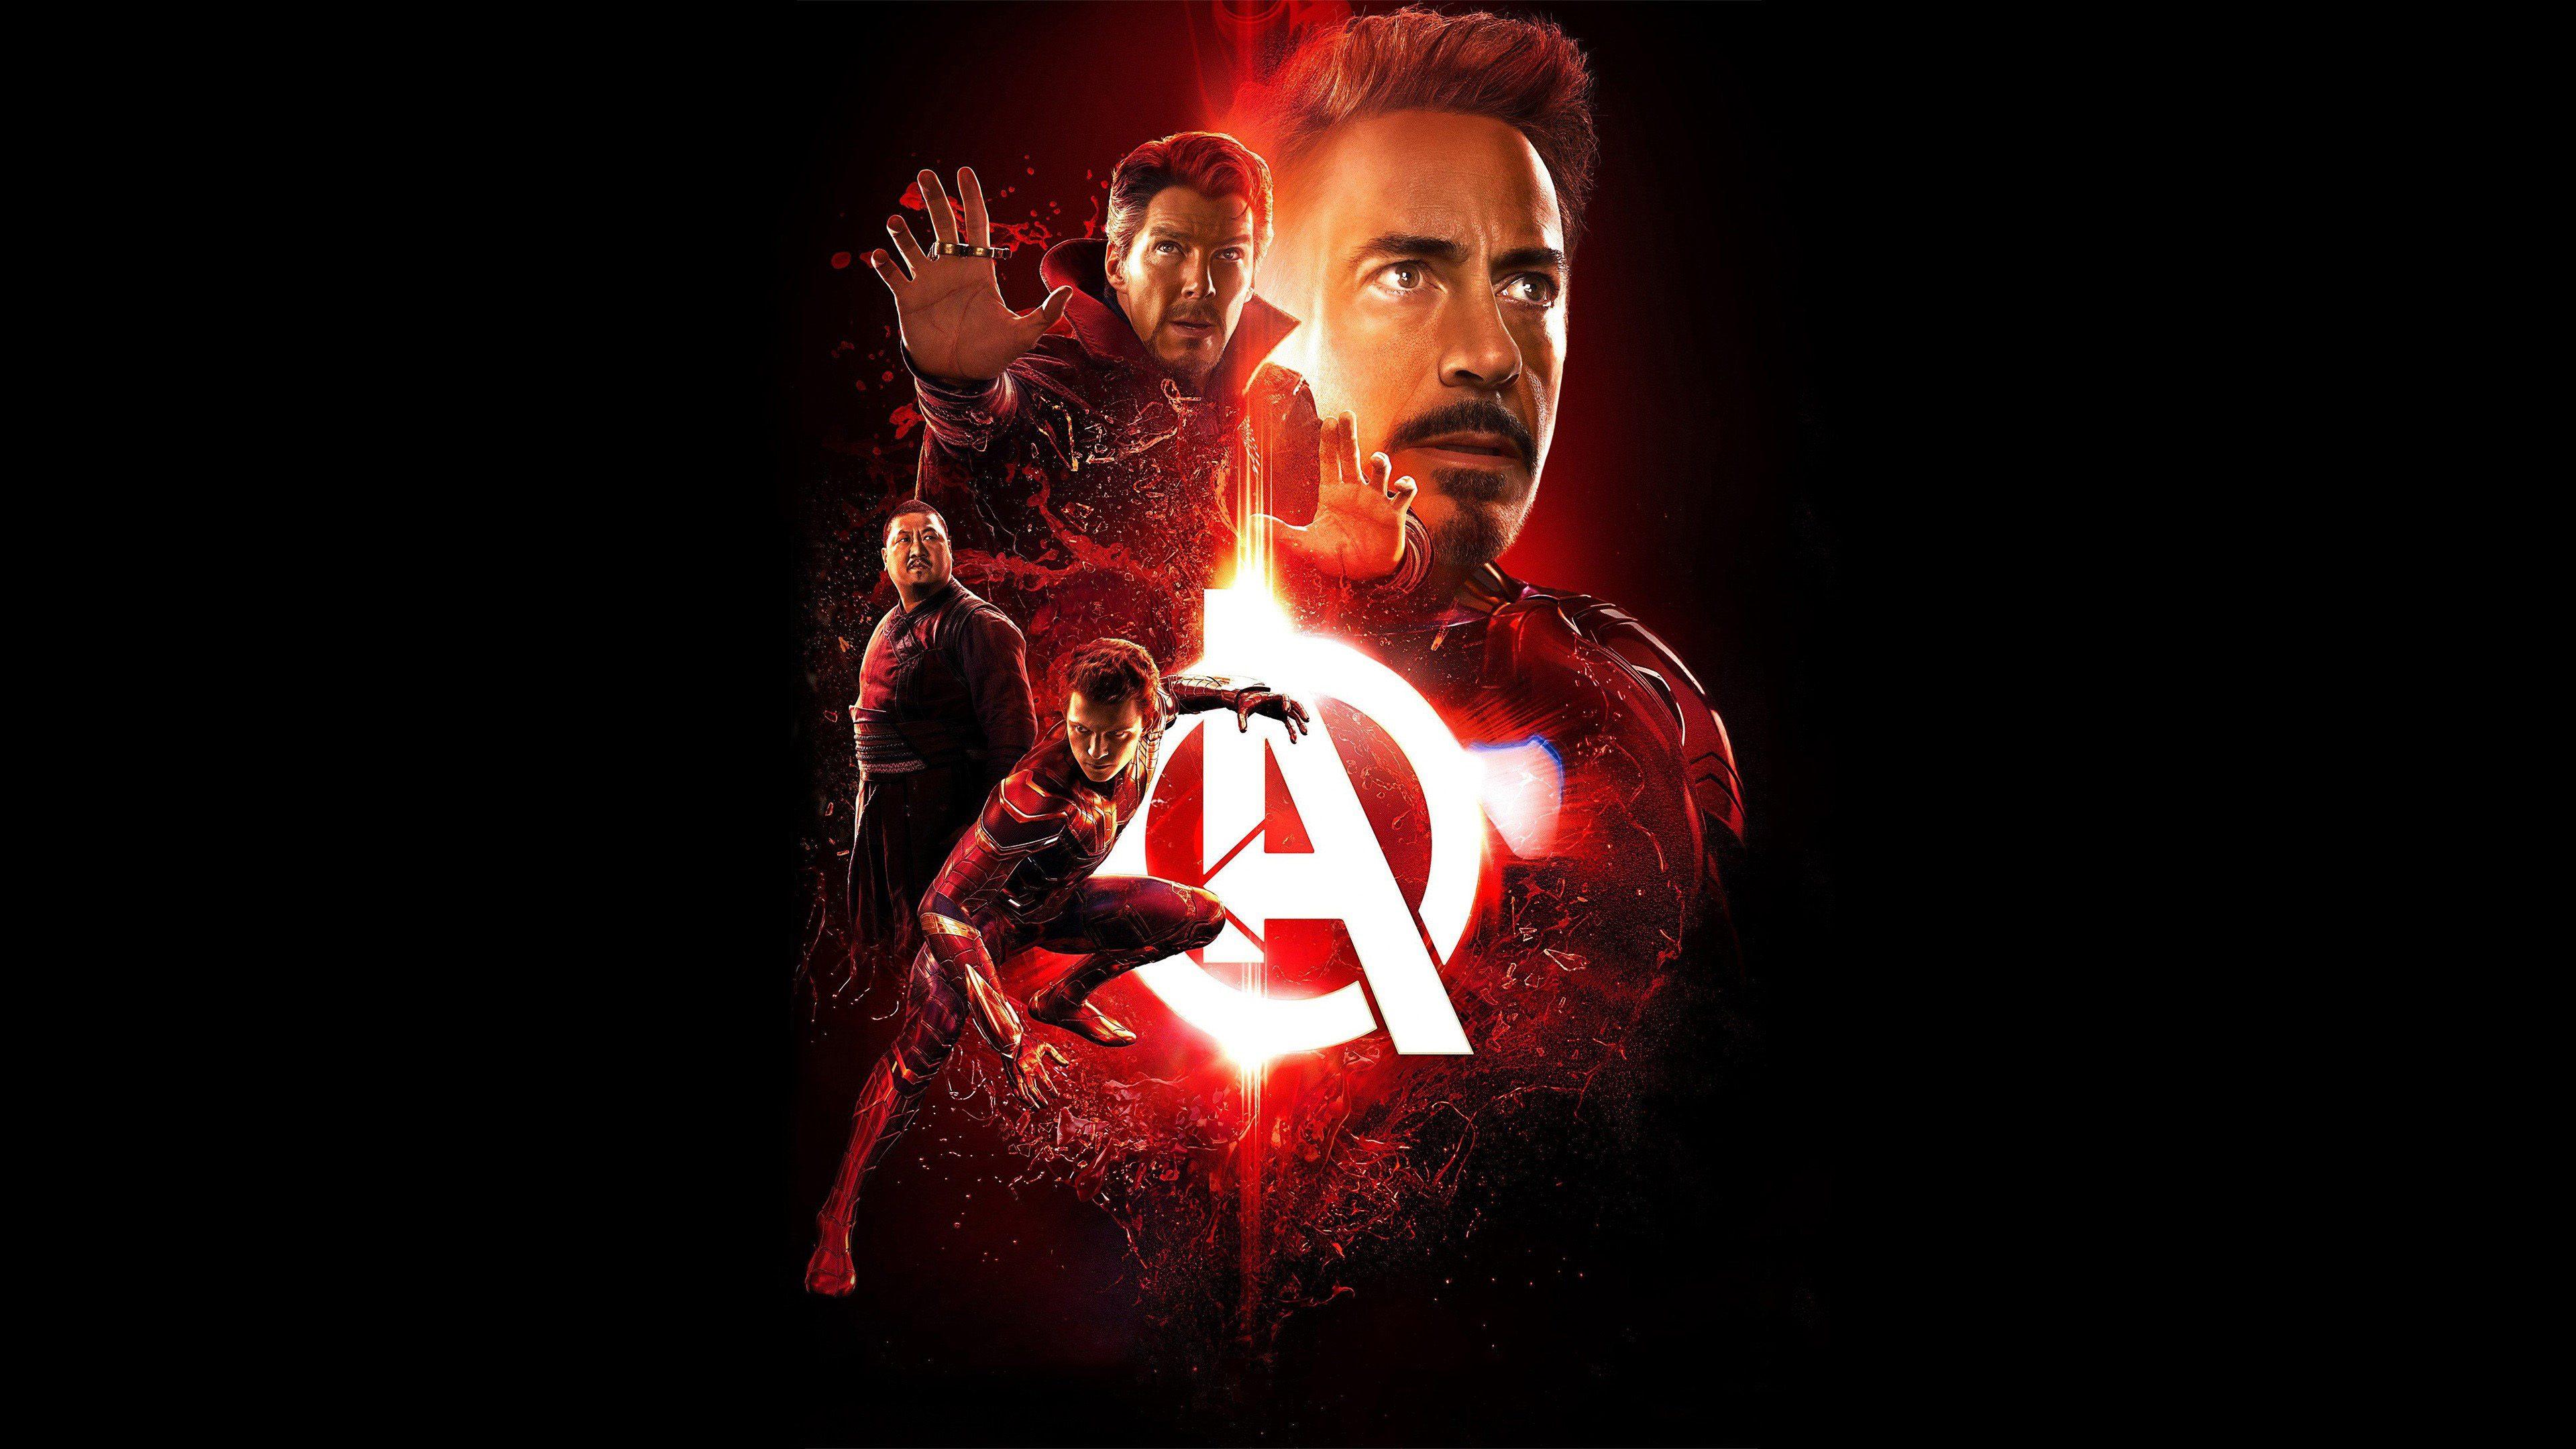 Ironman Avengers Infinity War Poster 4k Wallpaper Best